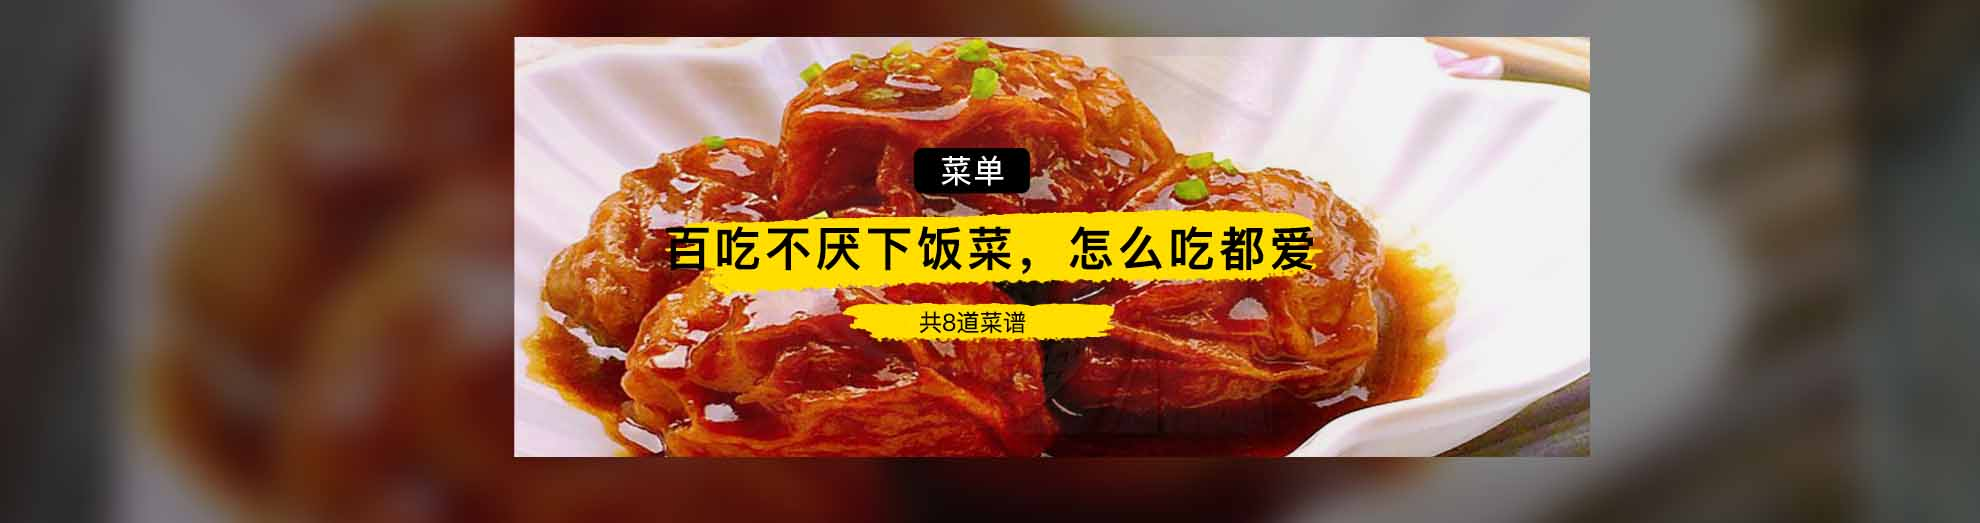 百吃不厌下饭菜,怎么吃都爱}